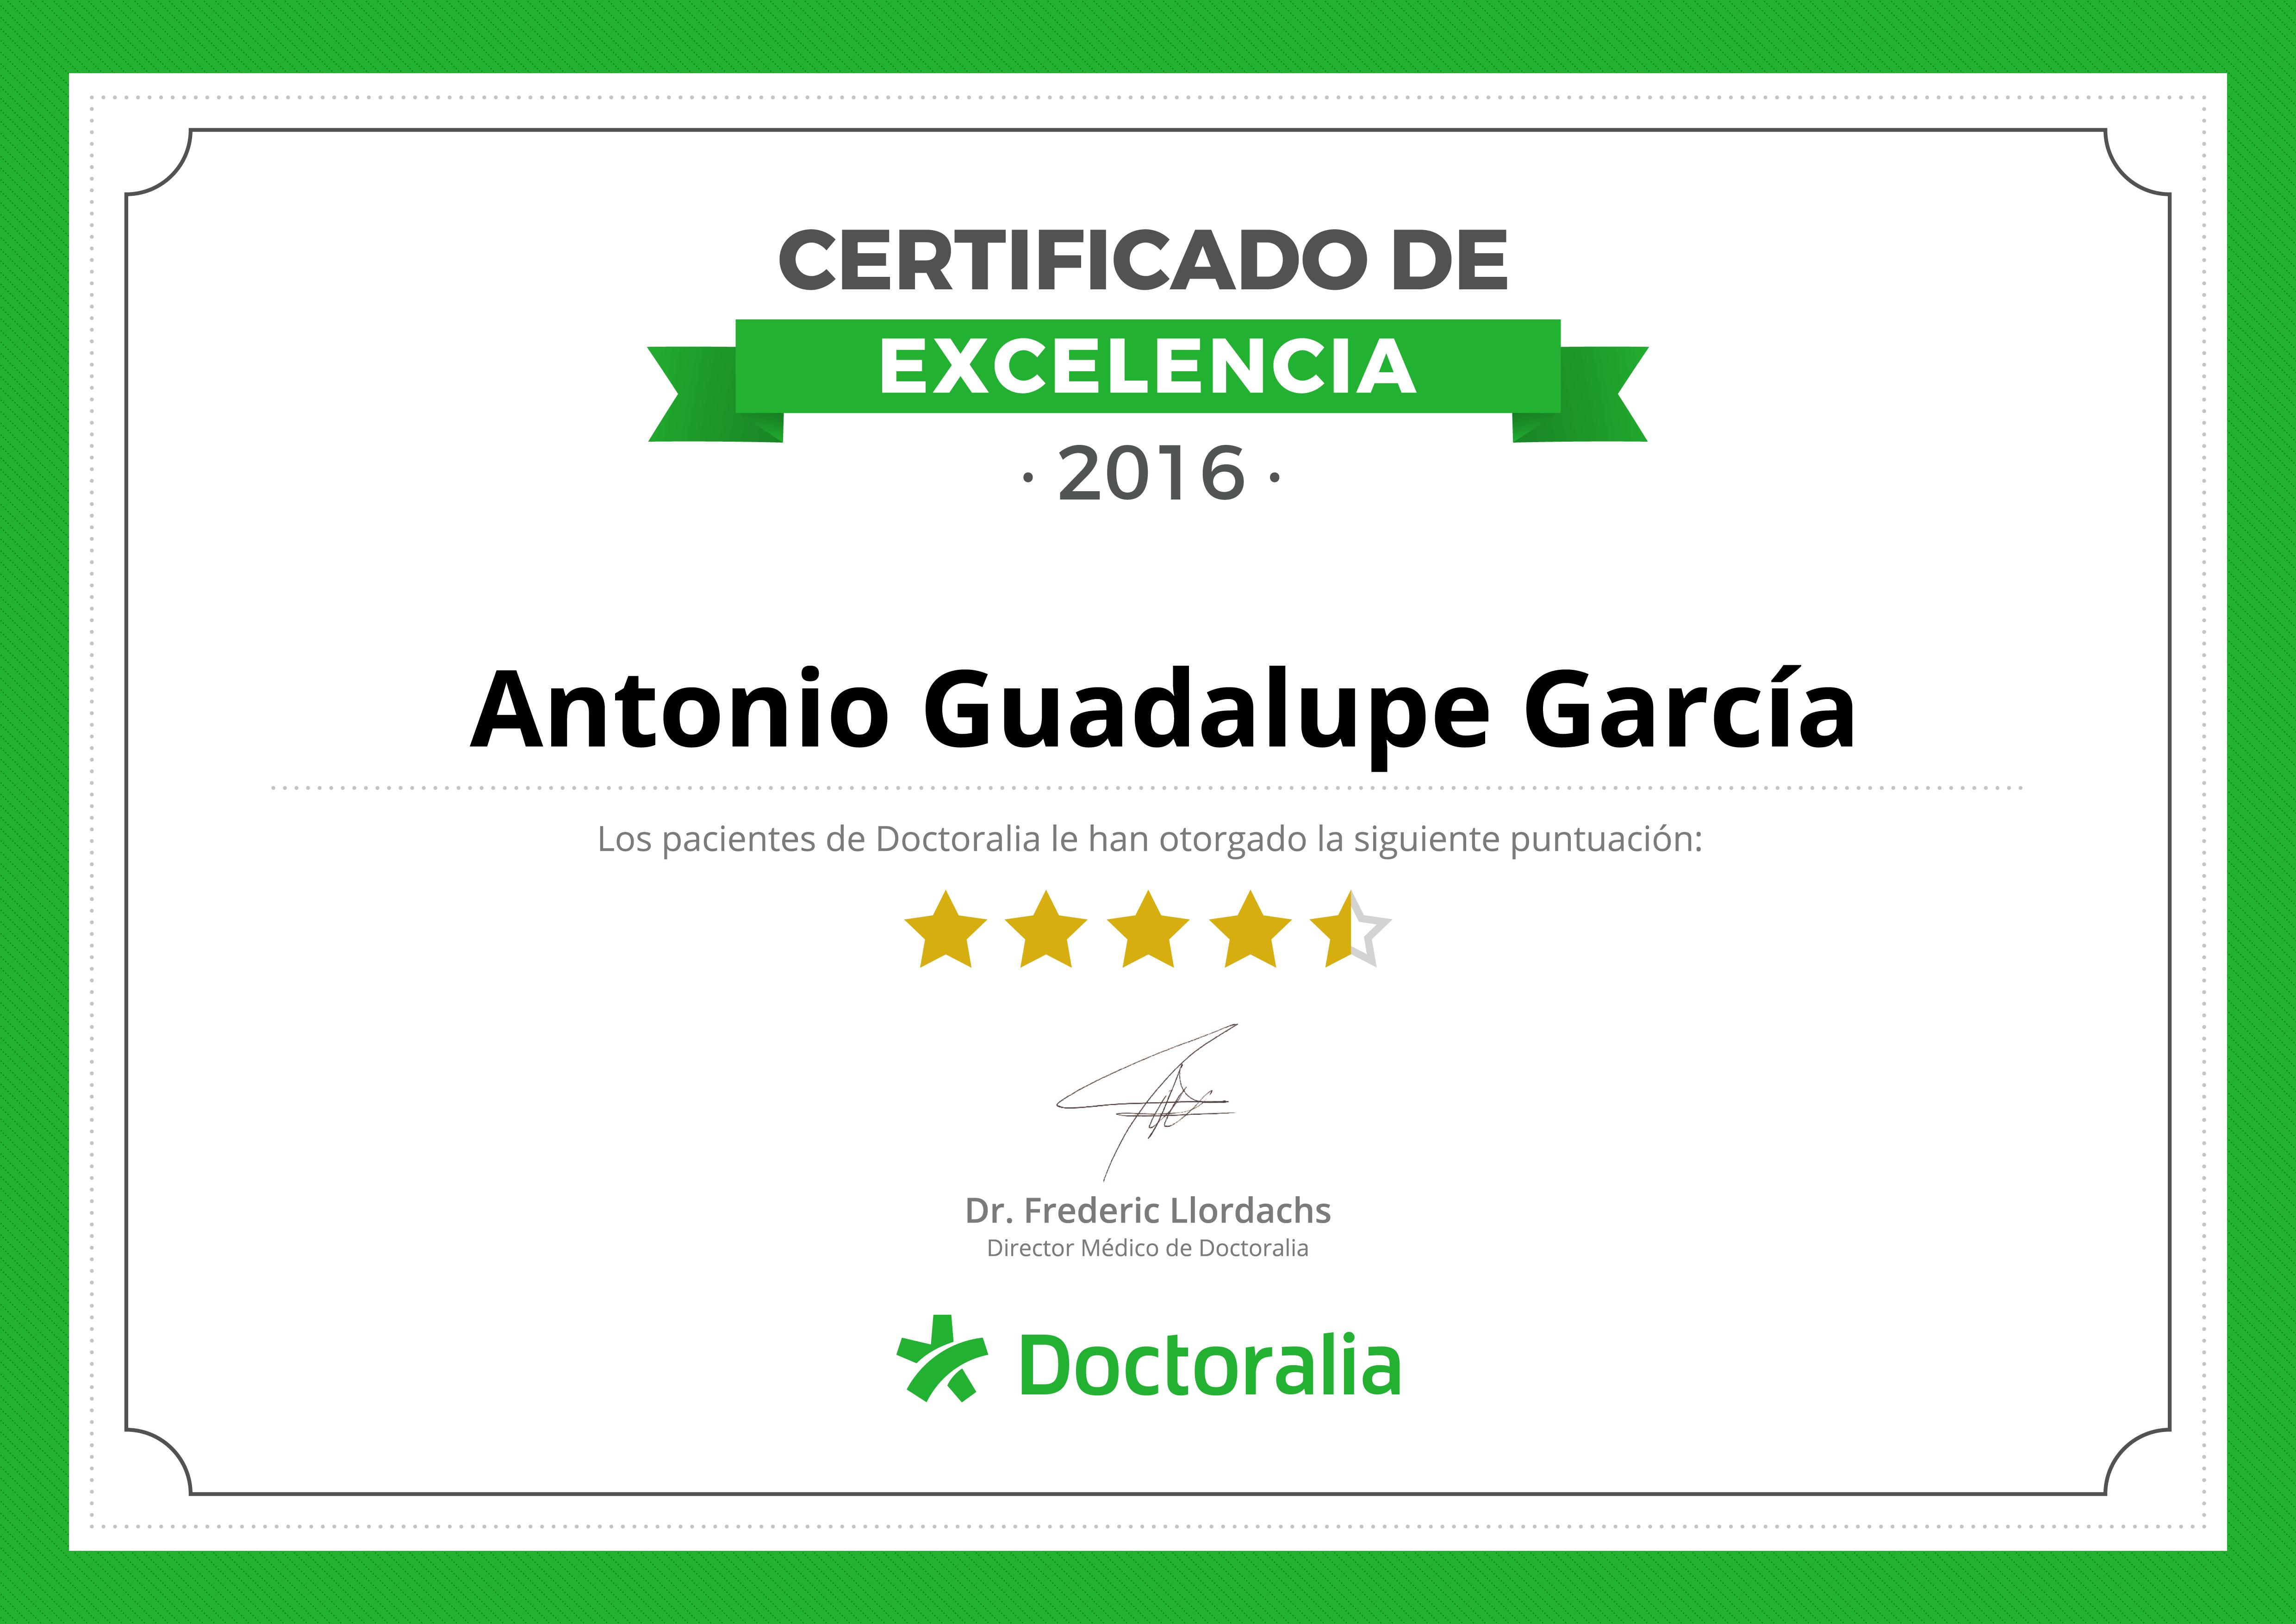 Certificado de Antonio Guadalupe psicólogo en Tenerife